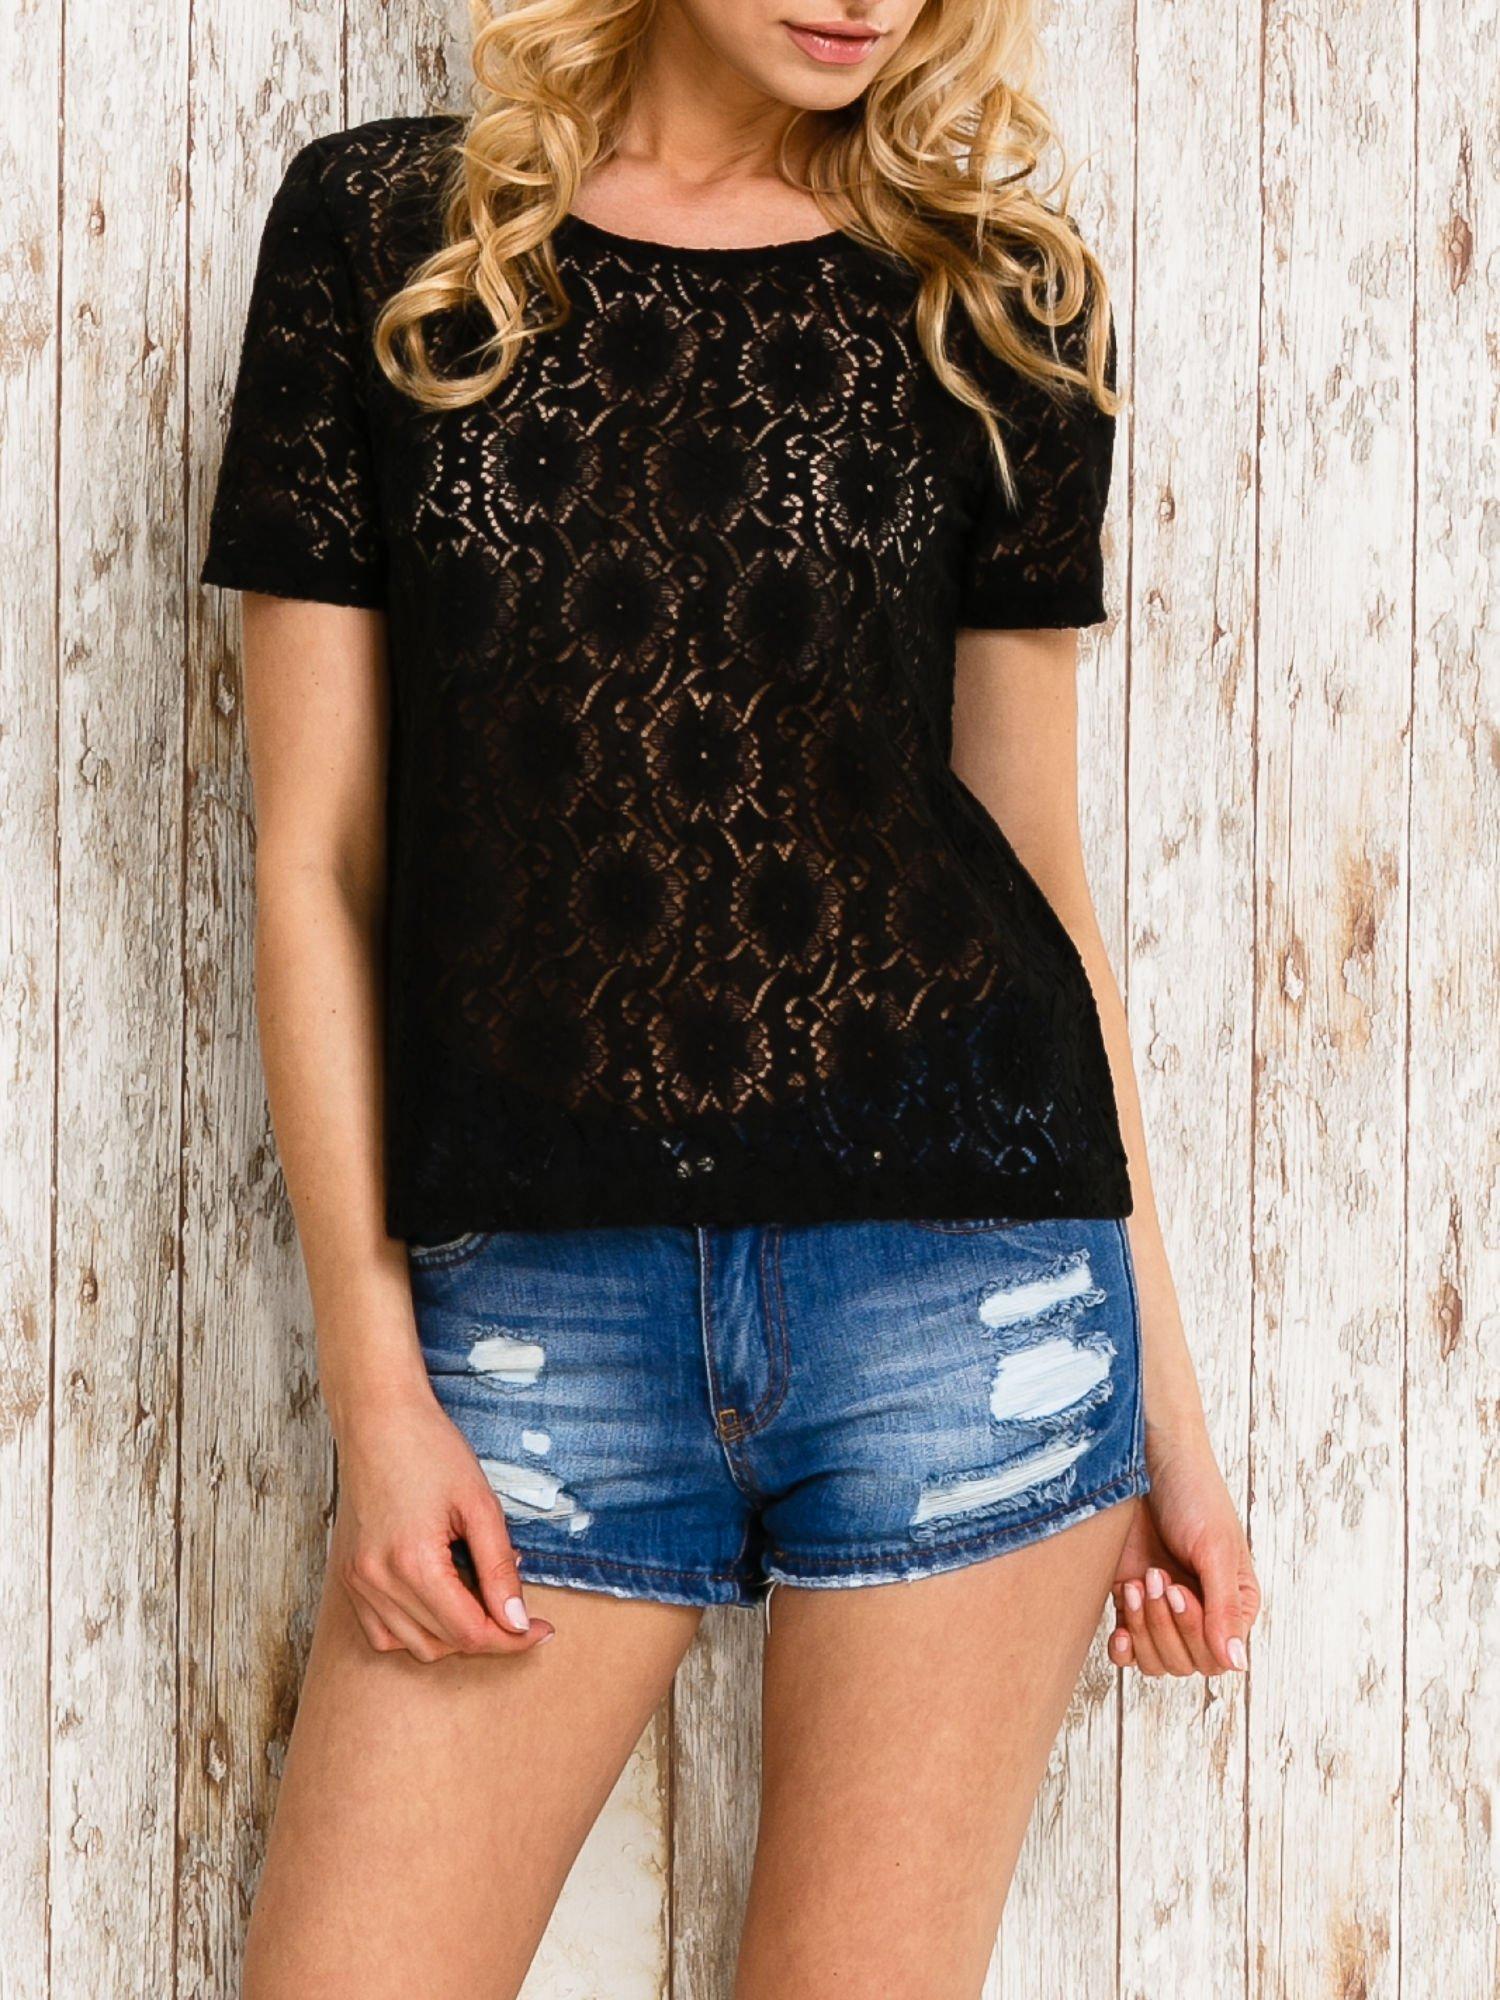 VERO MODA Czarny ażurowy t-shirt                                  zdj.                                  1